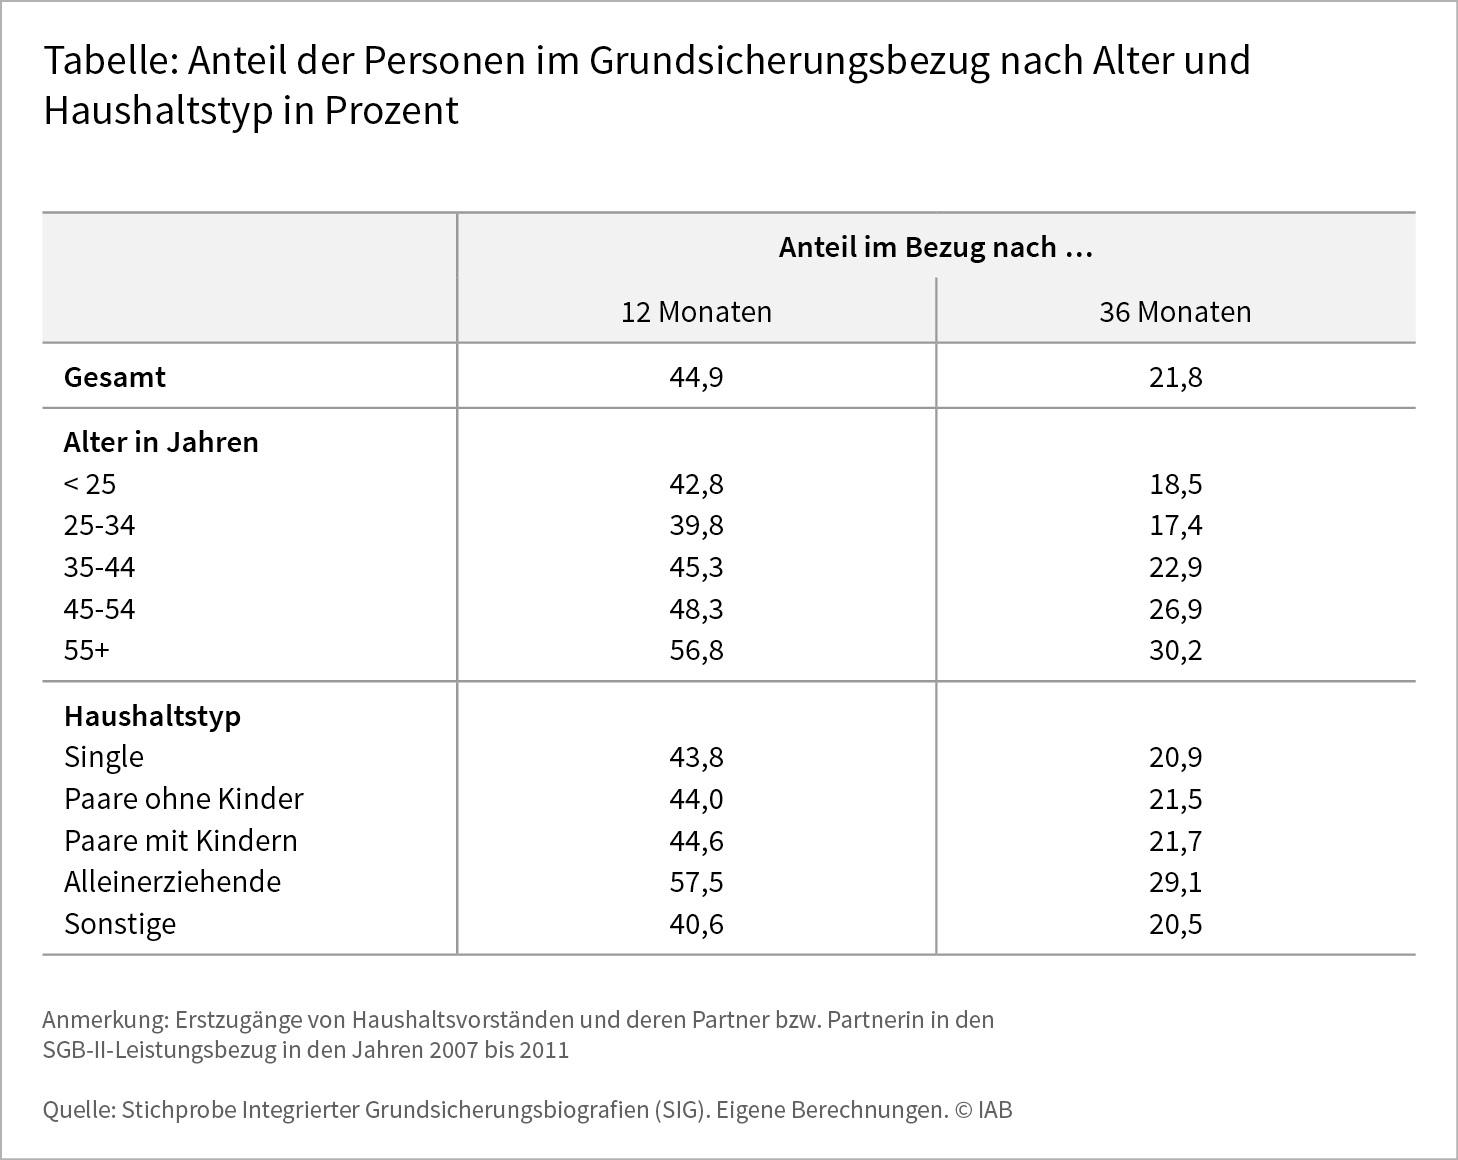 Tabelle: Anteil der Personen im Grndischerungsbezug nach Alter und Haushaltstyp in Prozent